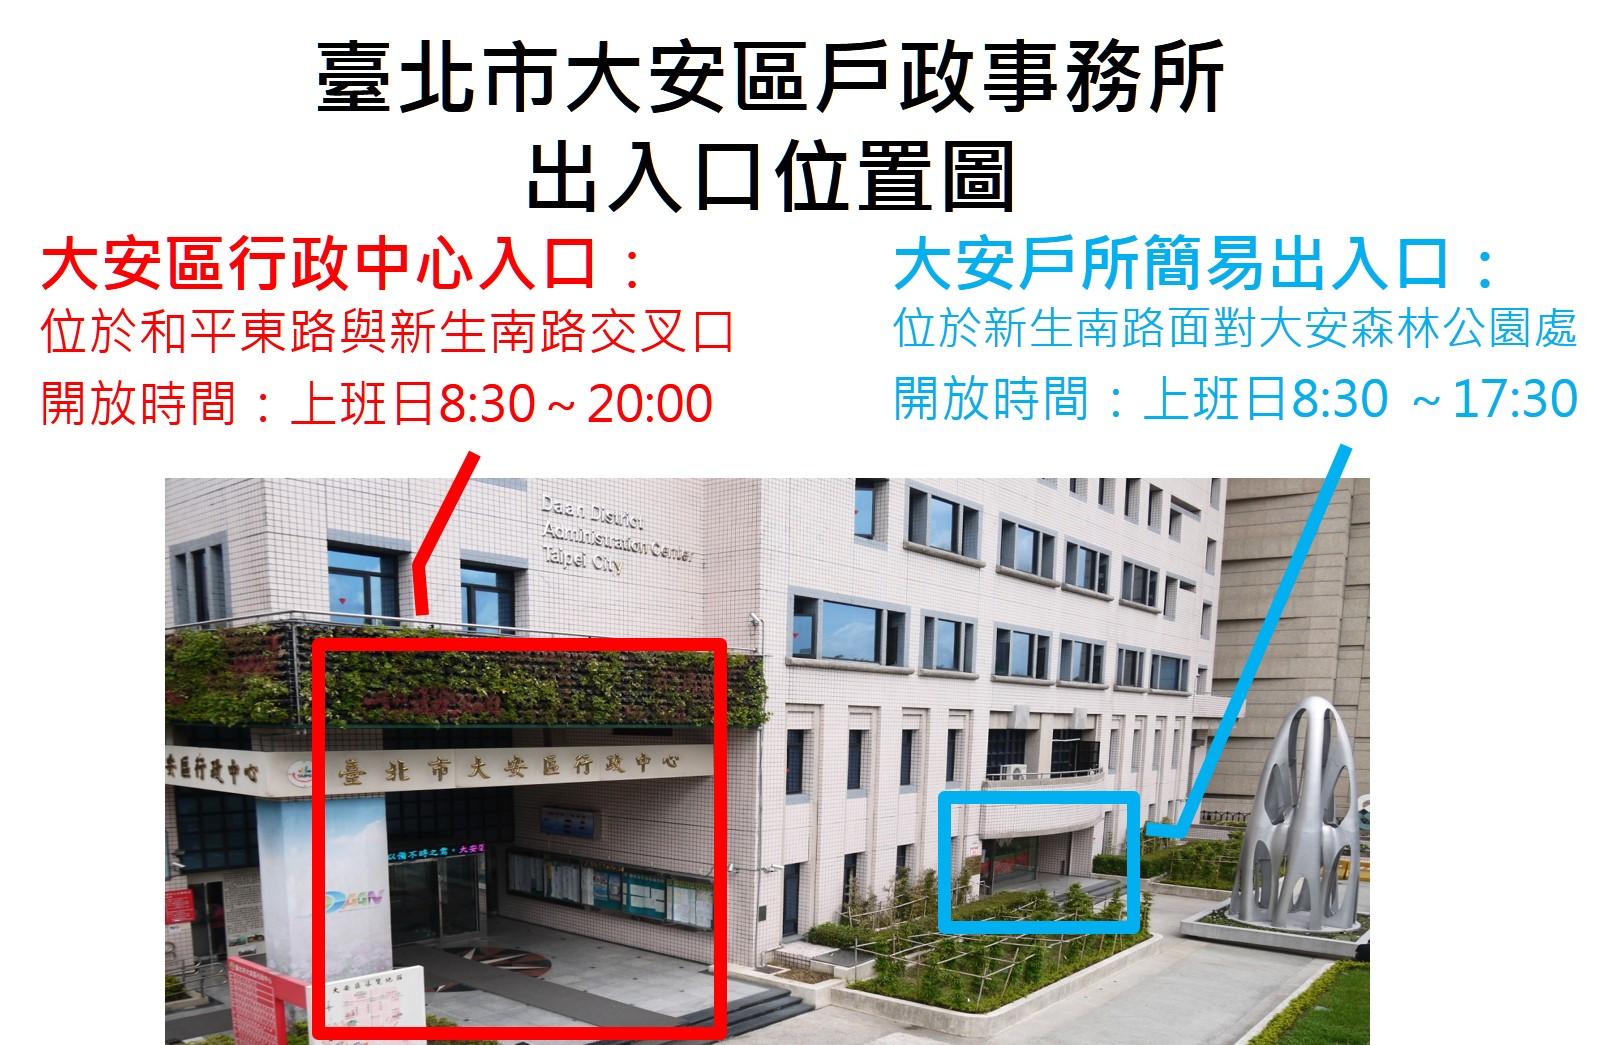 大安戶所出入口位置圖,紅框為大安區行政中心入口,開放時間上班日8:30~20:00;藍框為大安戶所簡易出入口,開放時間上班日8:30~17:30